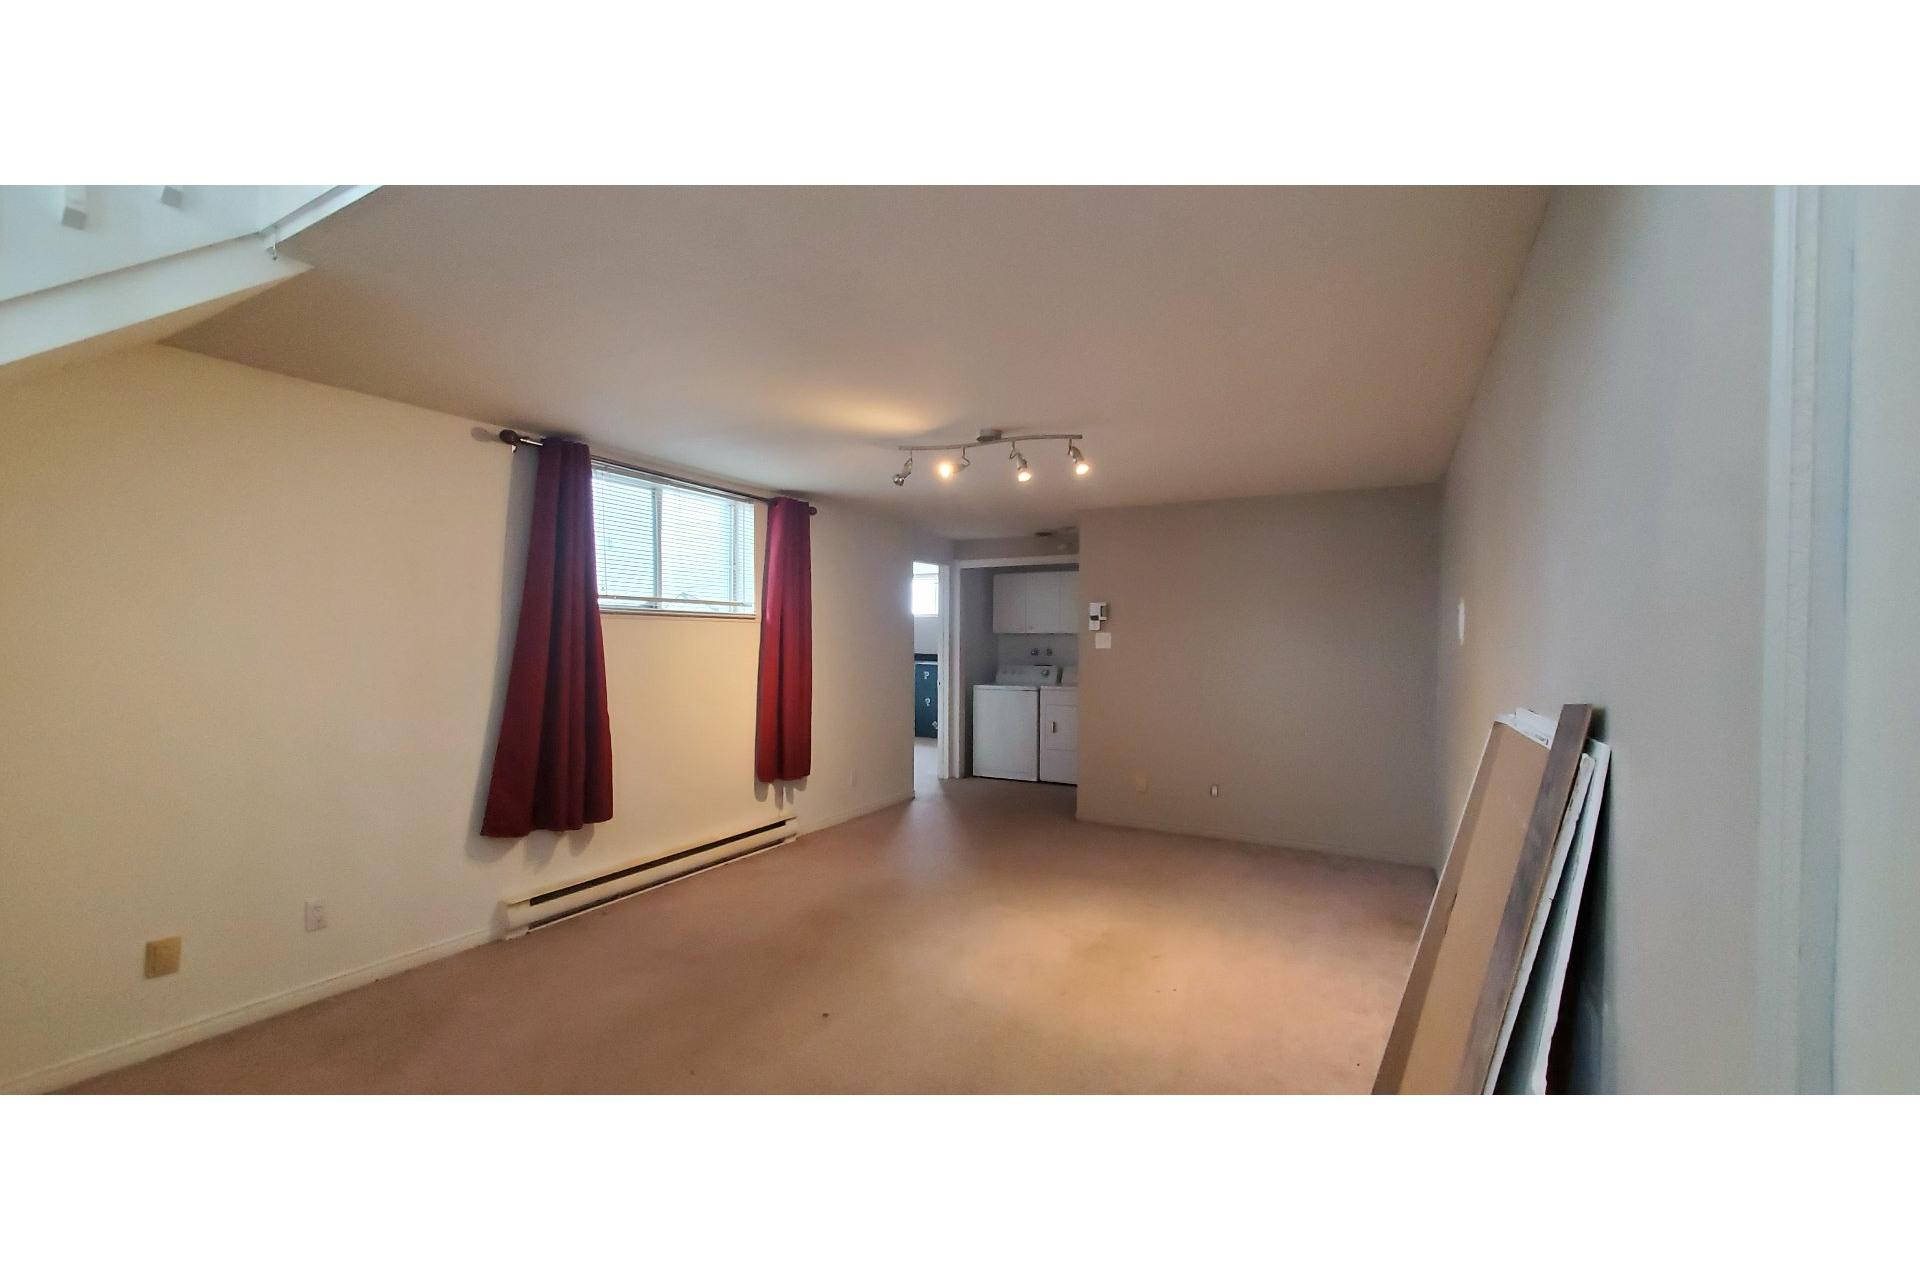 image 6 - House For sale Trois-Rivières - 7 rooms